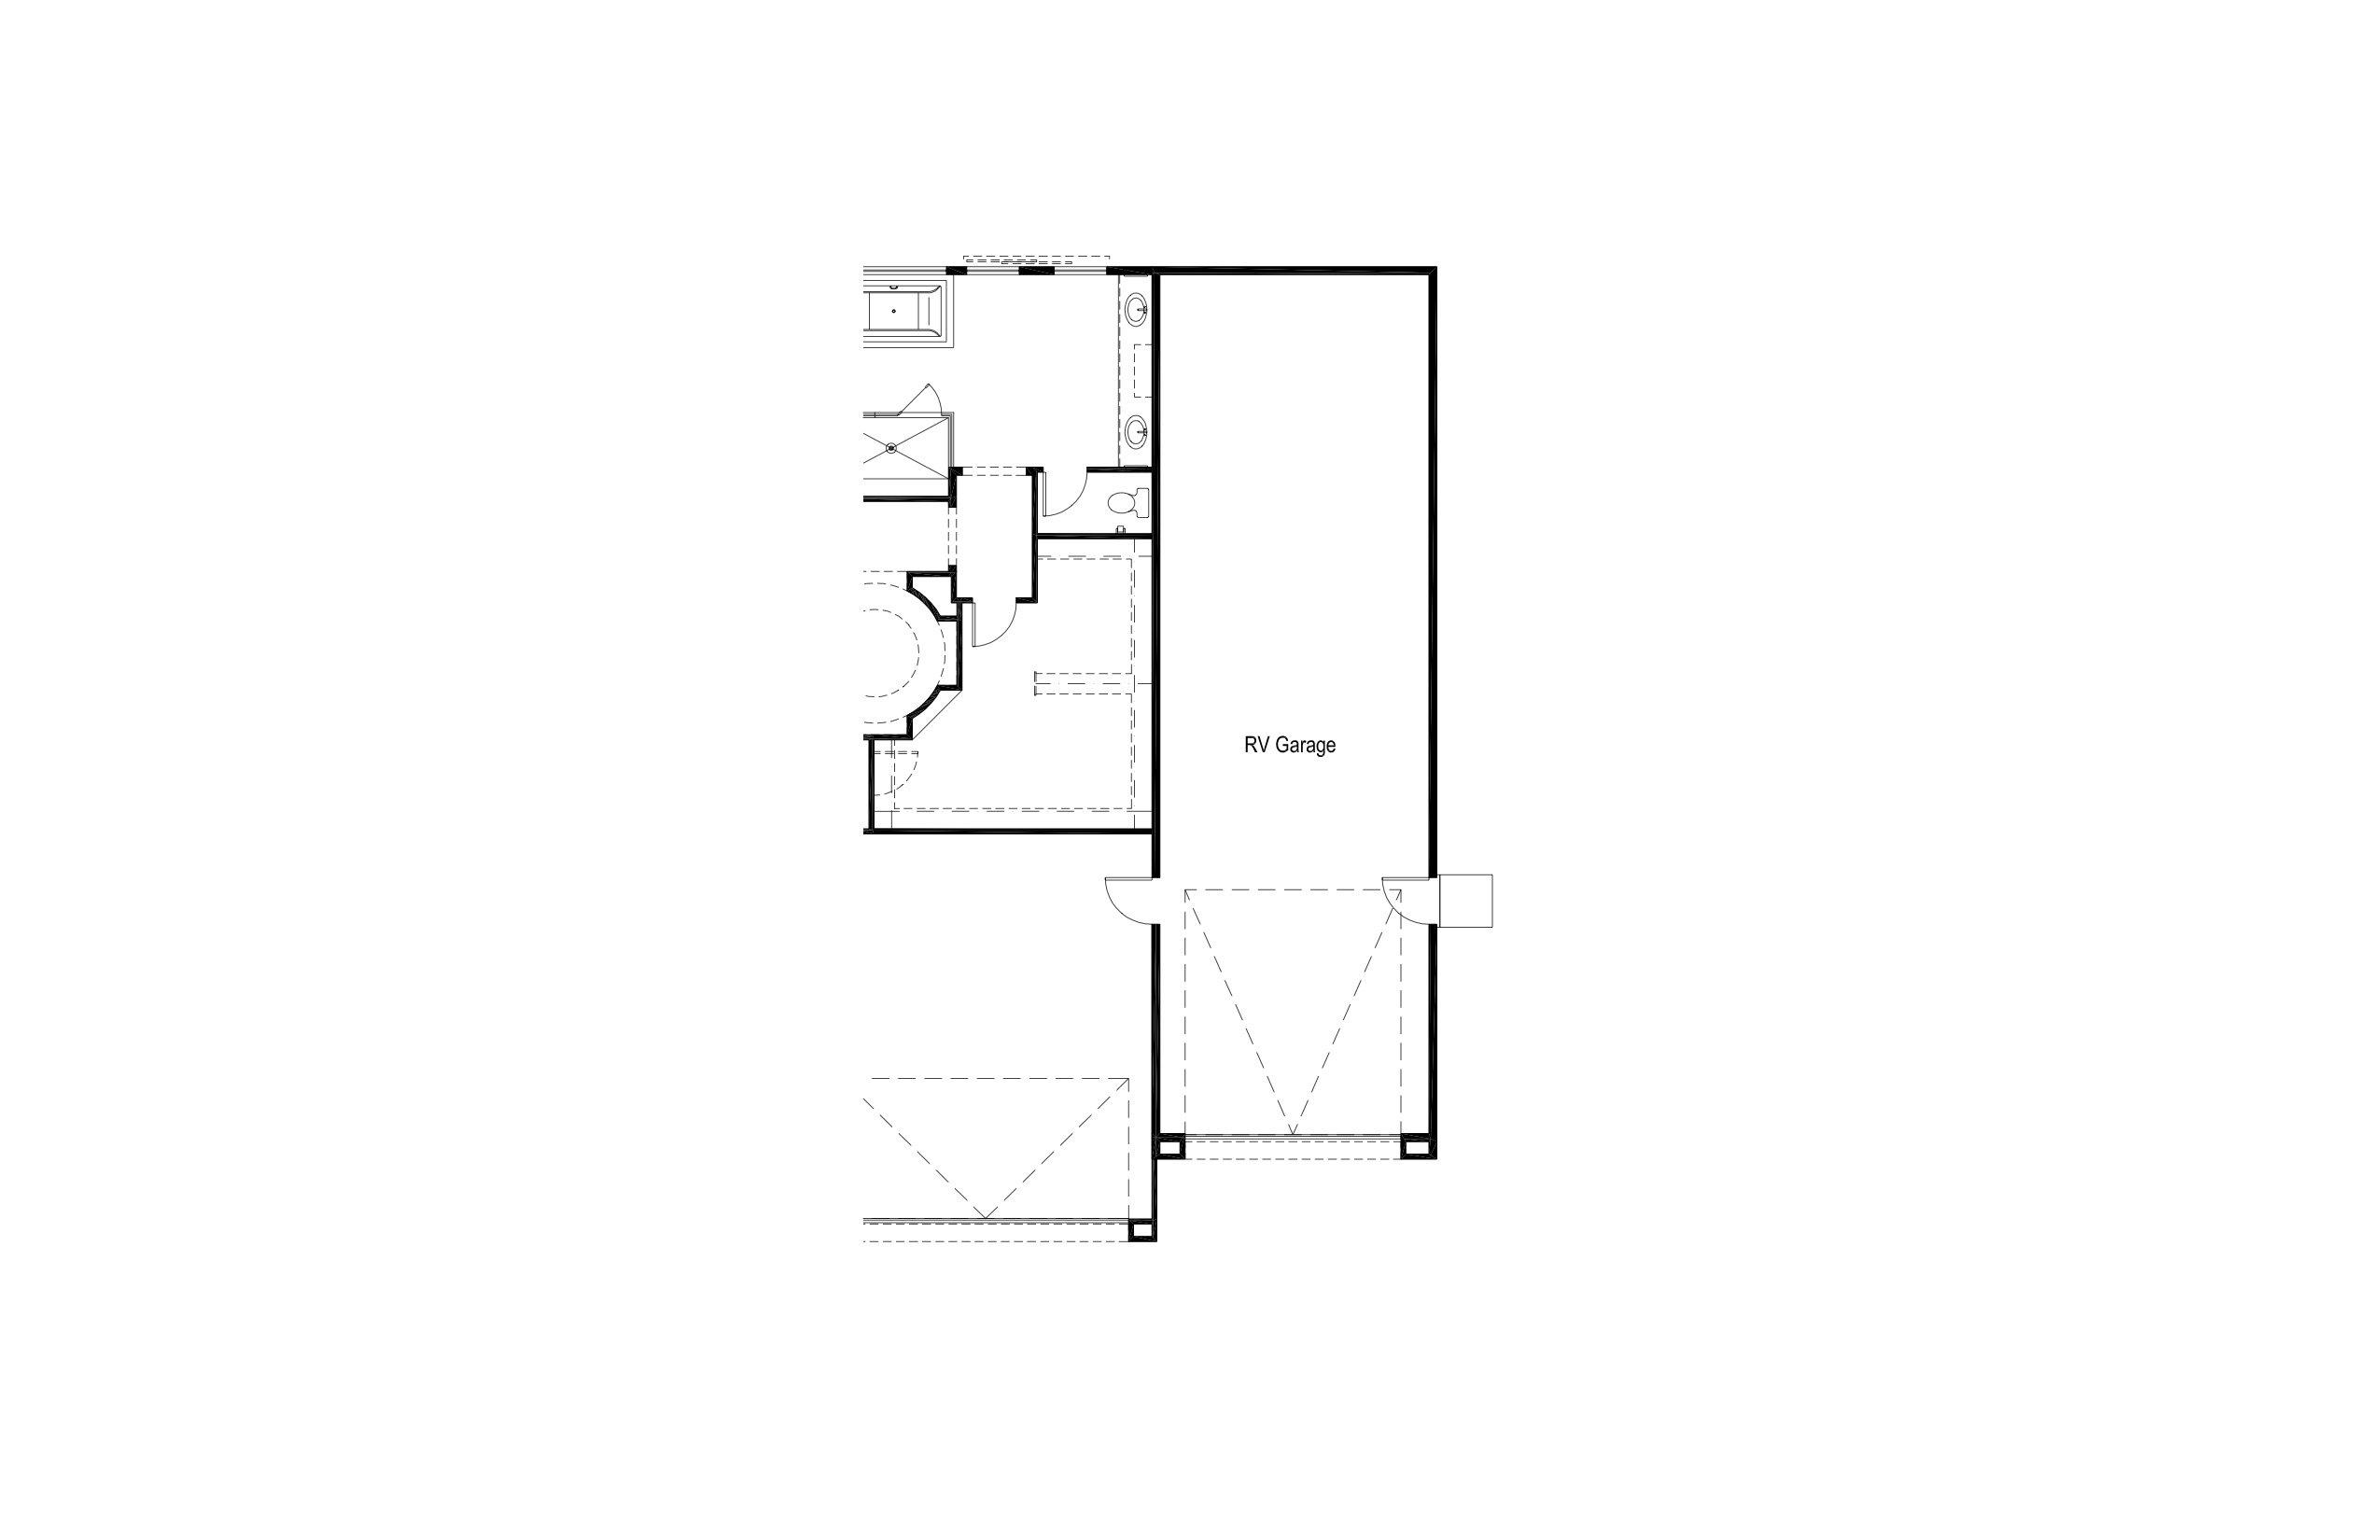 Plan 2 - Opt RV Garage